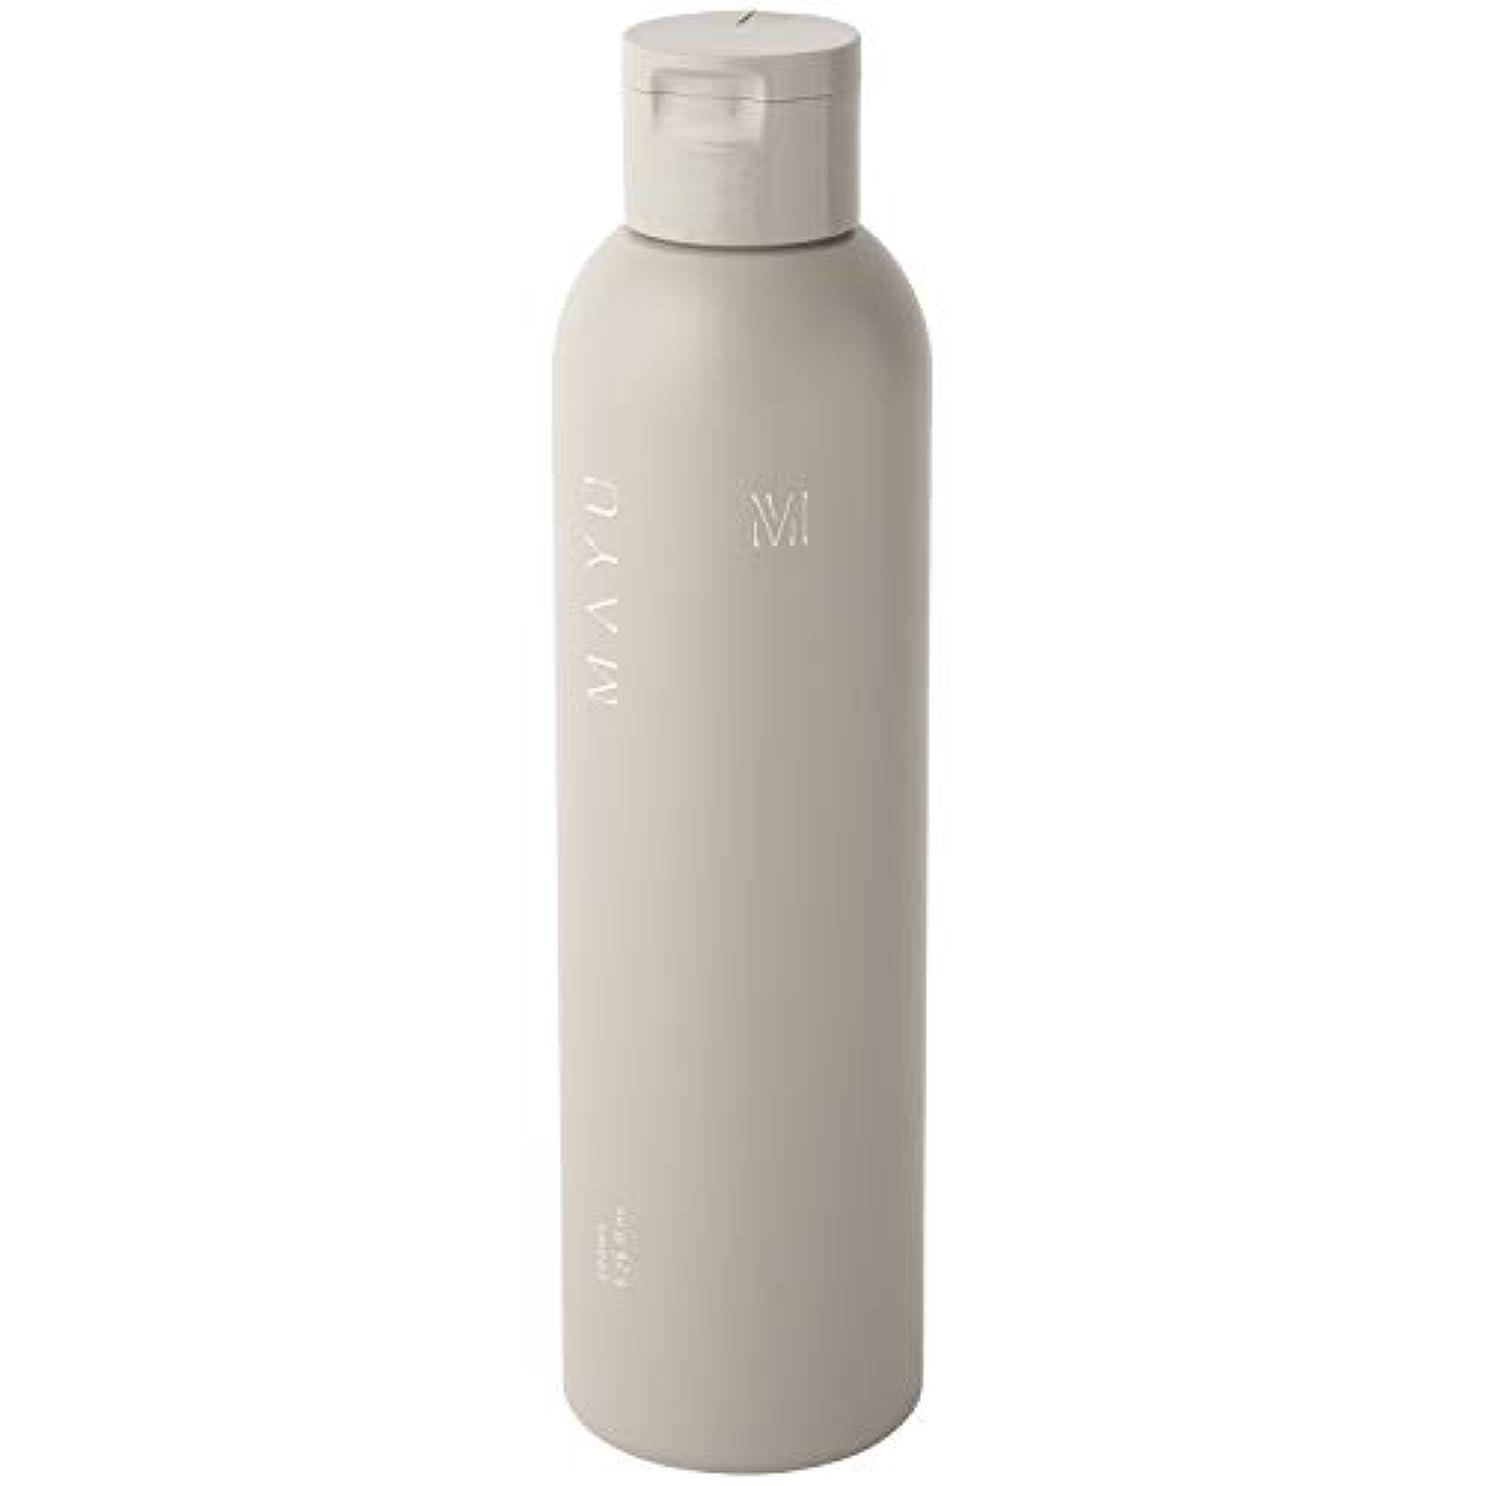 モンクカテゴリー統計【365Plus】 MAYU さくらの香りシャンプー (200ml) 1本入り